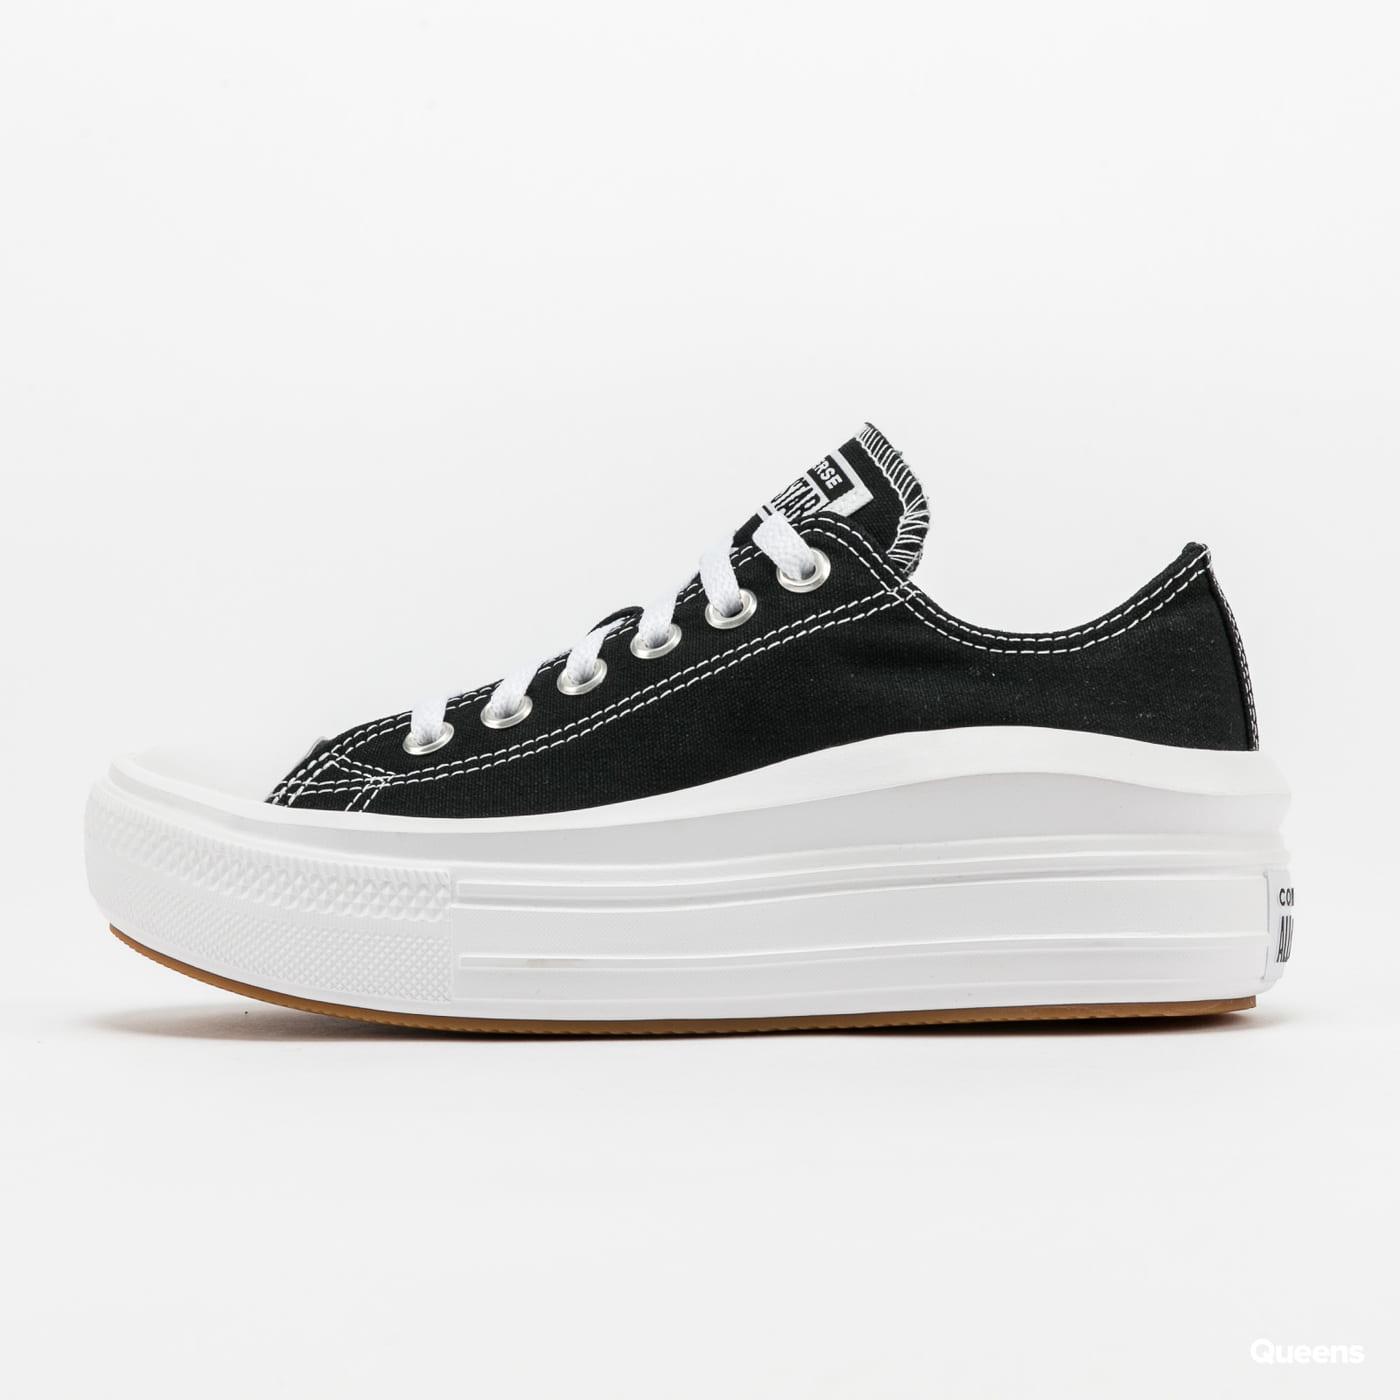 Converse Chuck Taylor All Star Move OX black / white / white